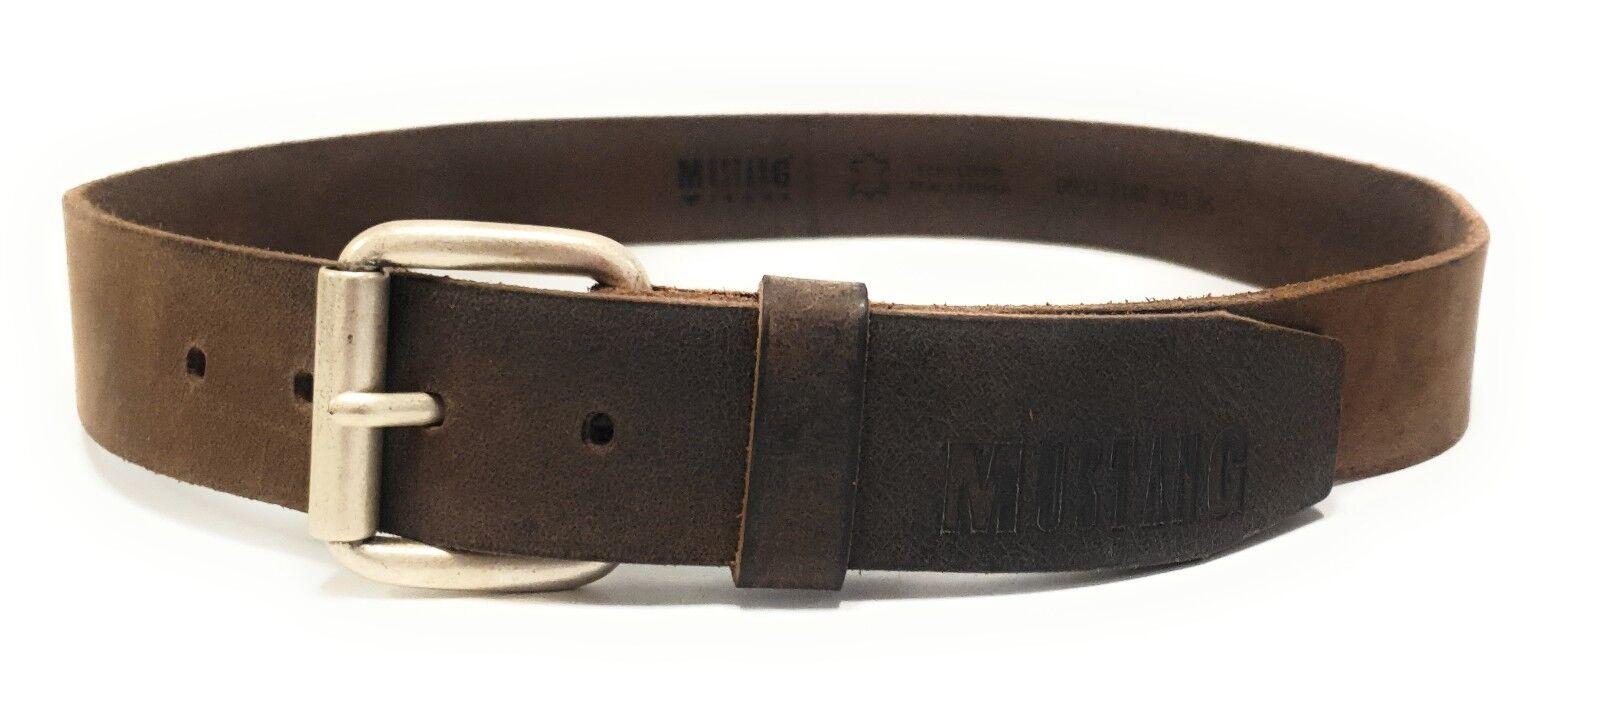 MUSTANG Herren Designer Leder Gürtel Lederriemen Jeansgürtel Braun W95 M19